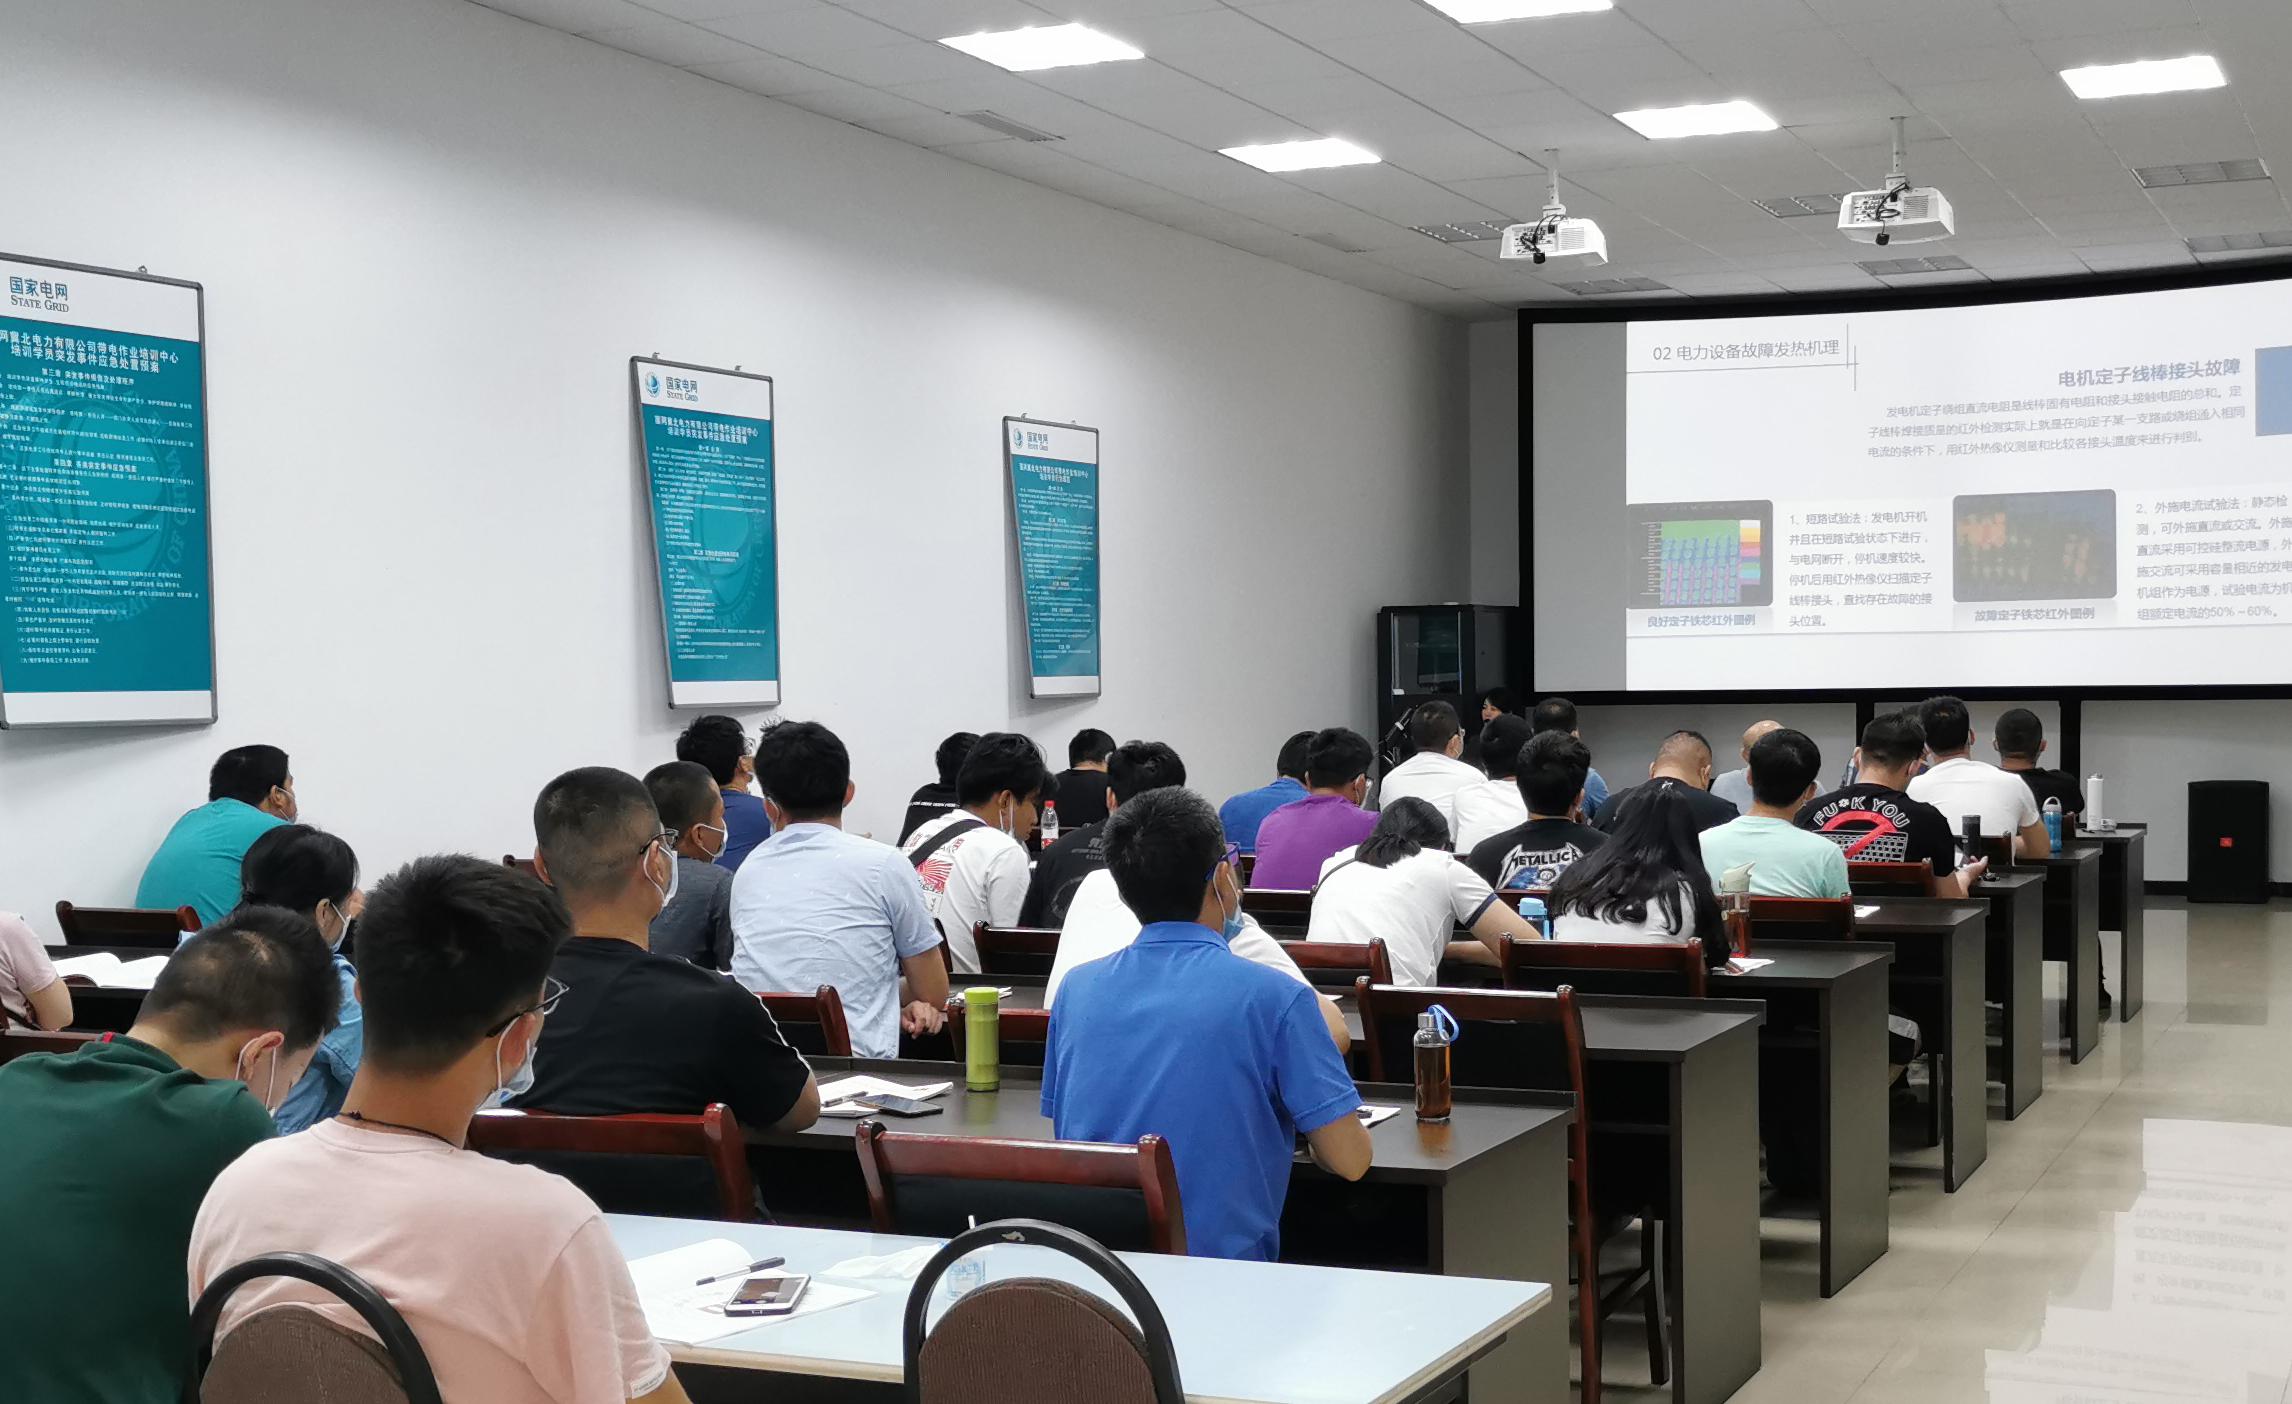 北京盛凌公司圆满完成华北电力培训班接待任务